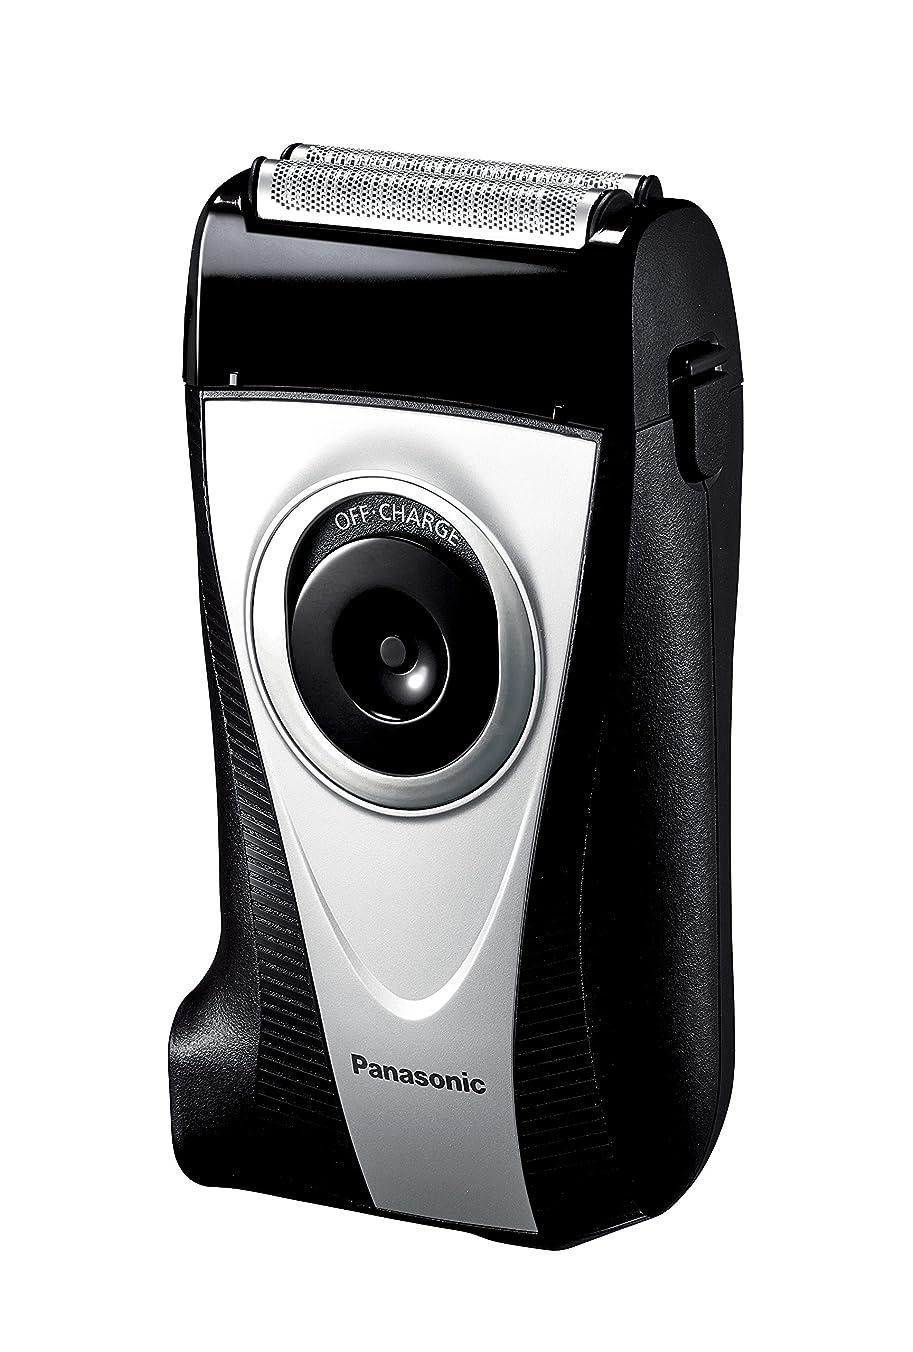 有望黒人失望させるパナソニック メンズシェーバー 2枚刃 シルバー調 ES-RP30-S